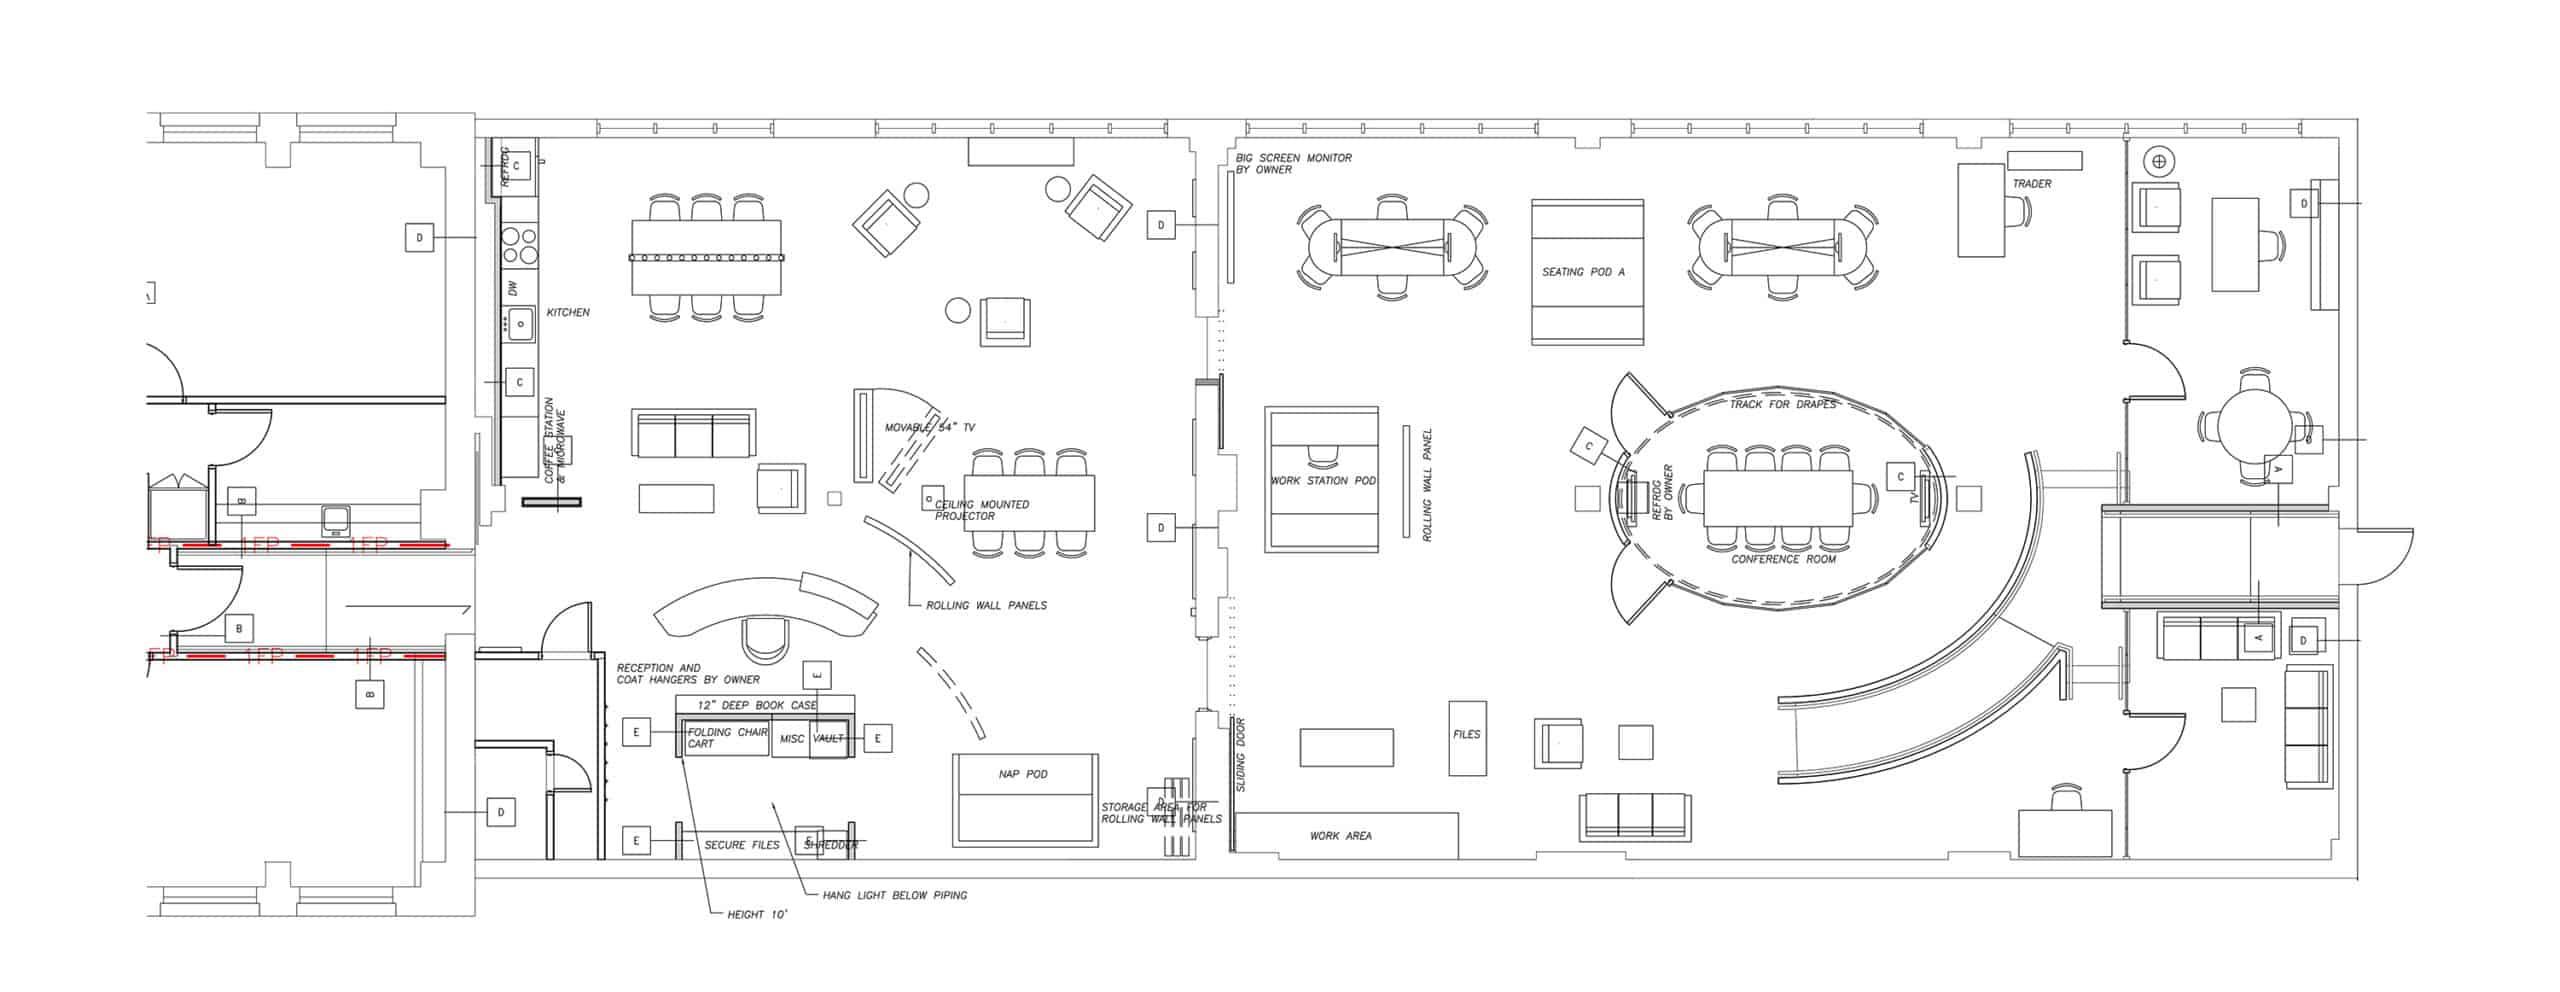 Furniture-Plan-2014.2.19_Edited